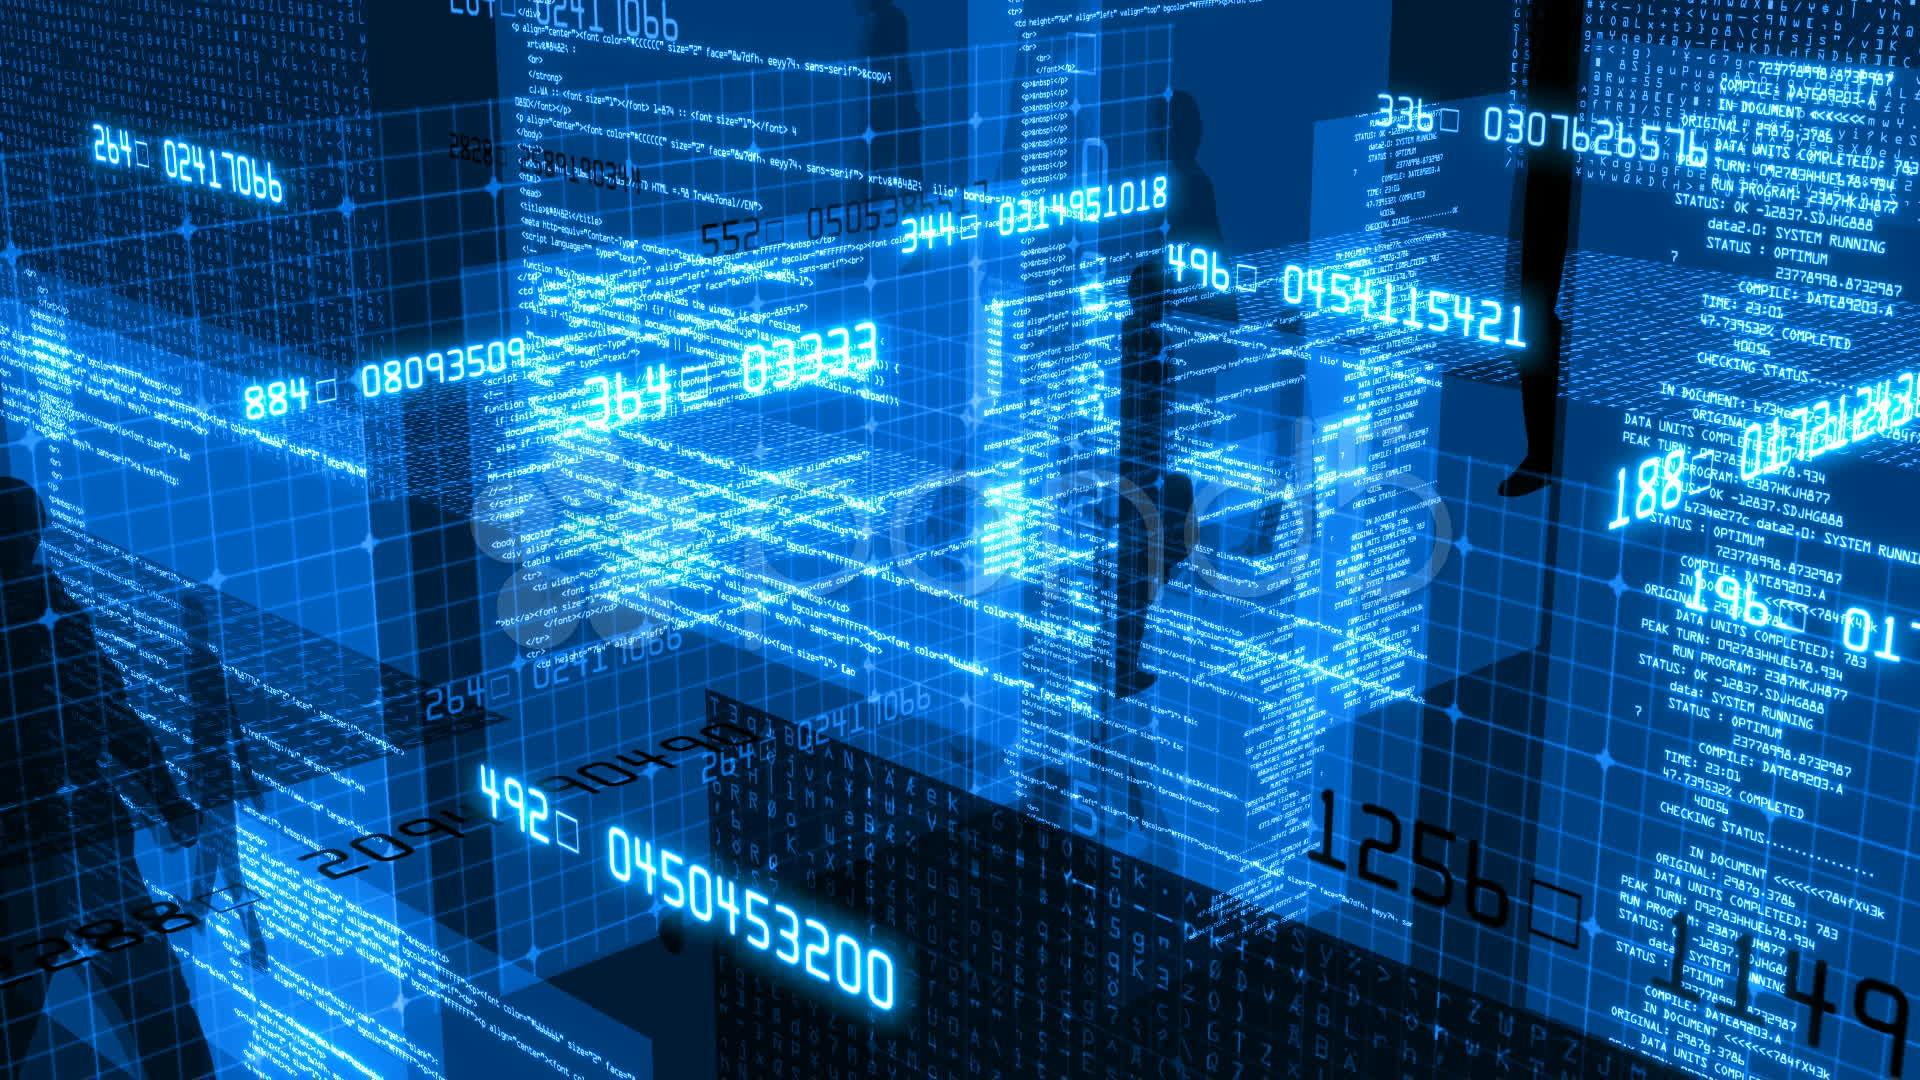 Blue Matrix Iphone Wallpaper – Mbagusi.com